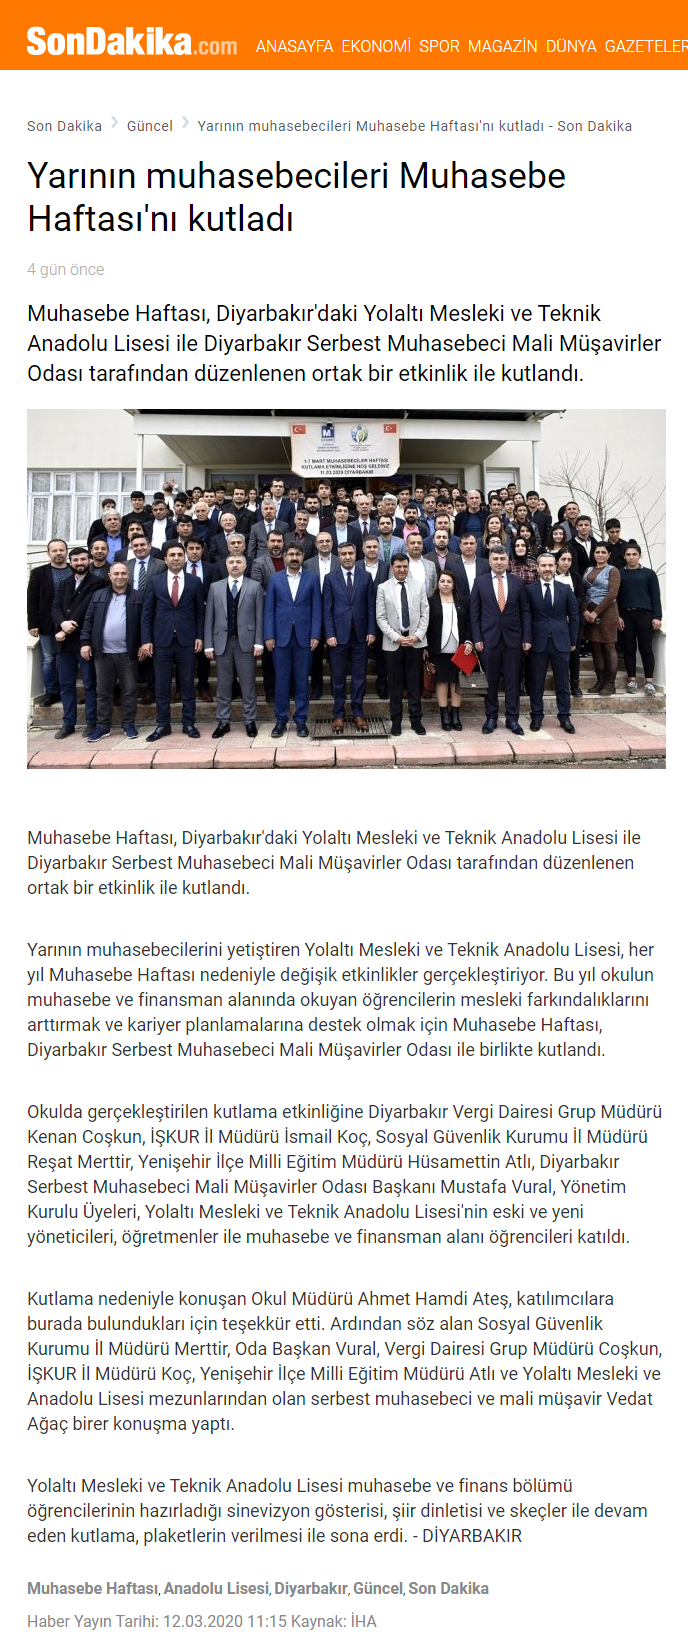 YARININ MUHASEBECİLERİ MUHASEBE HAFTASINI KUTLADI (sondakika.com)